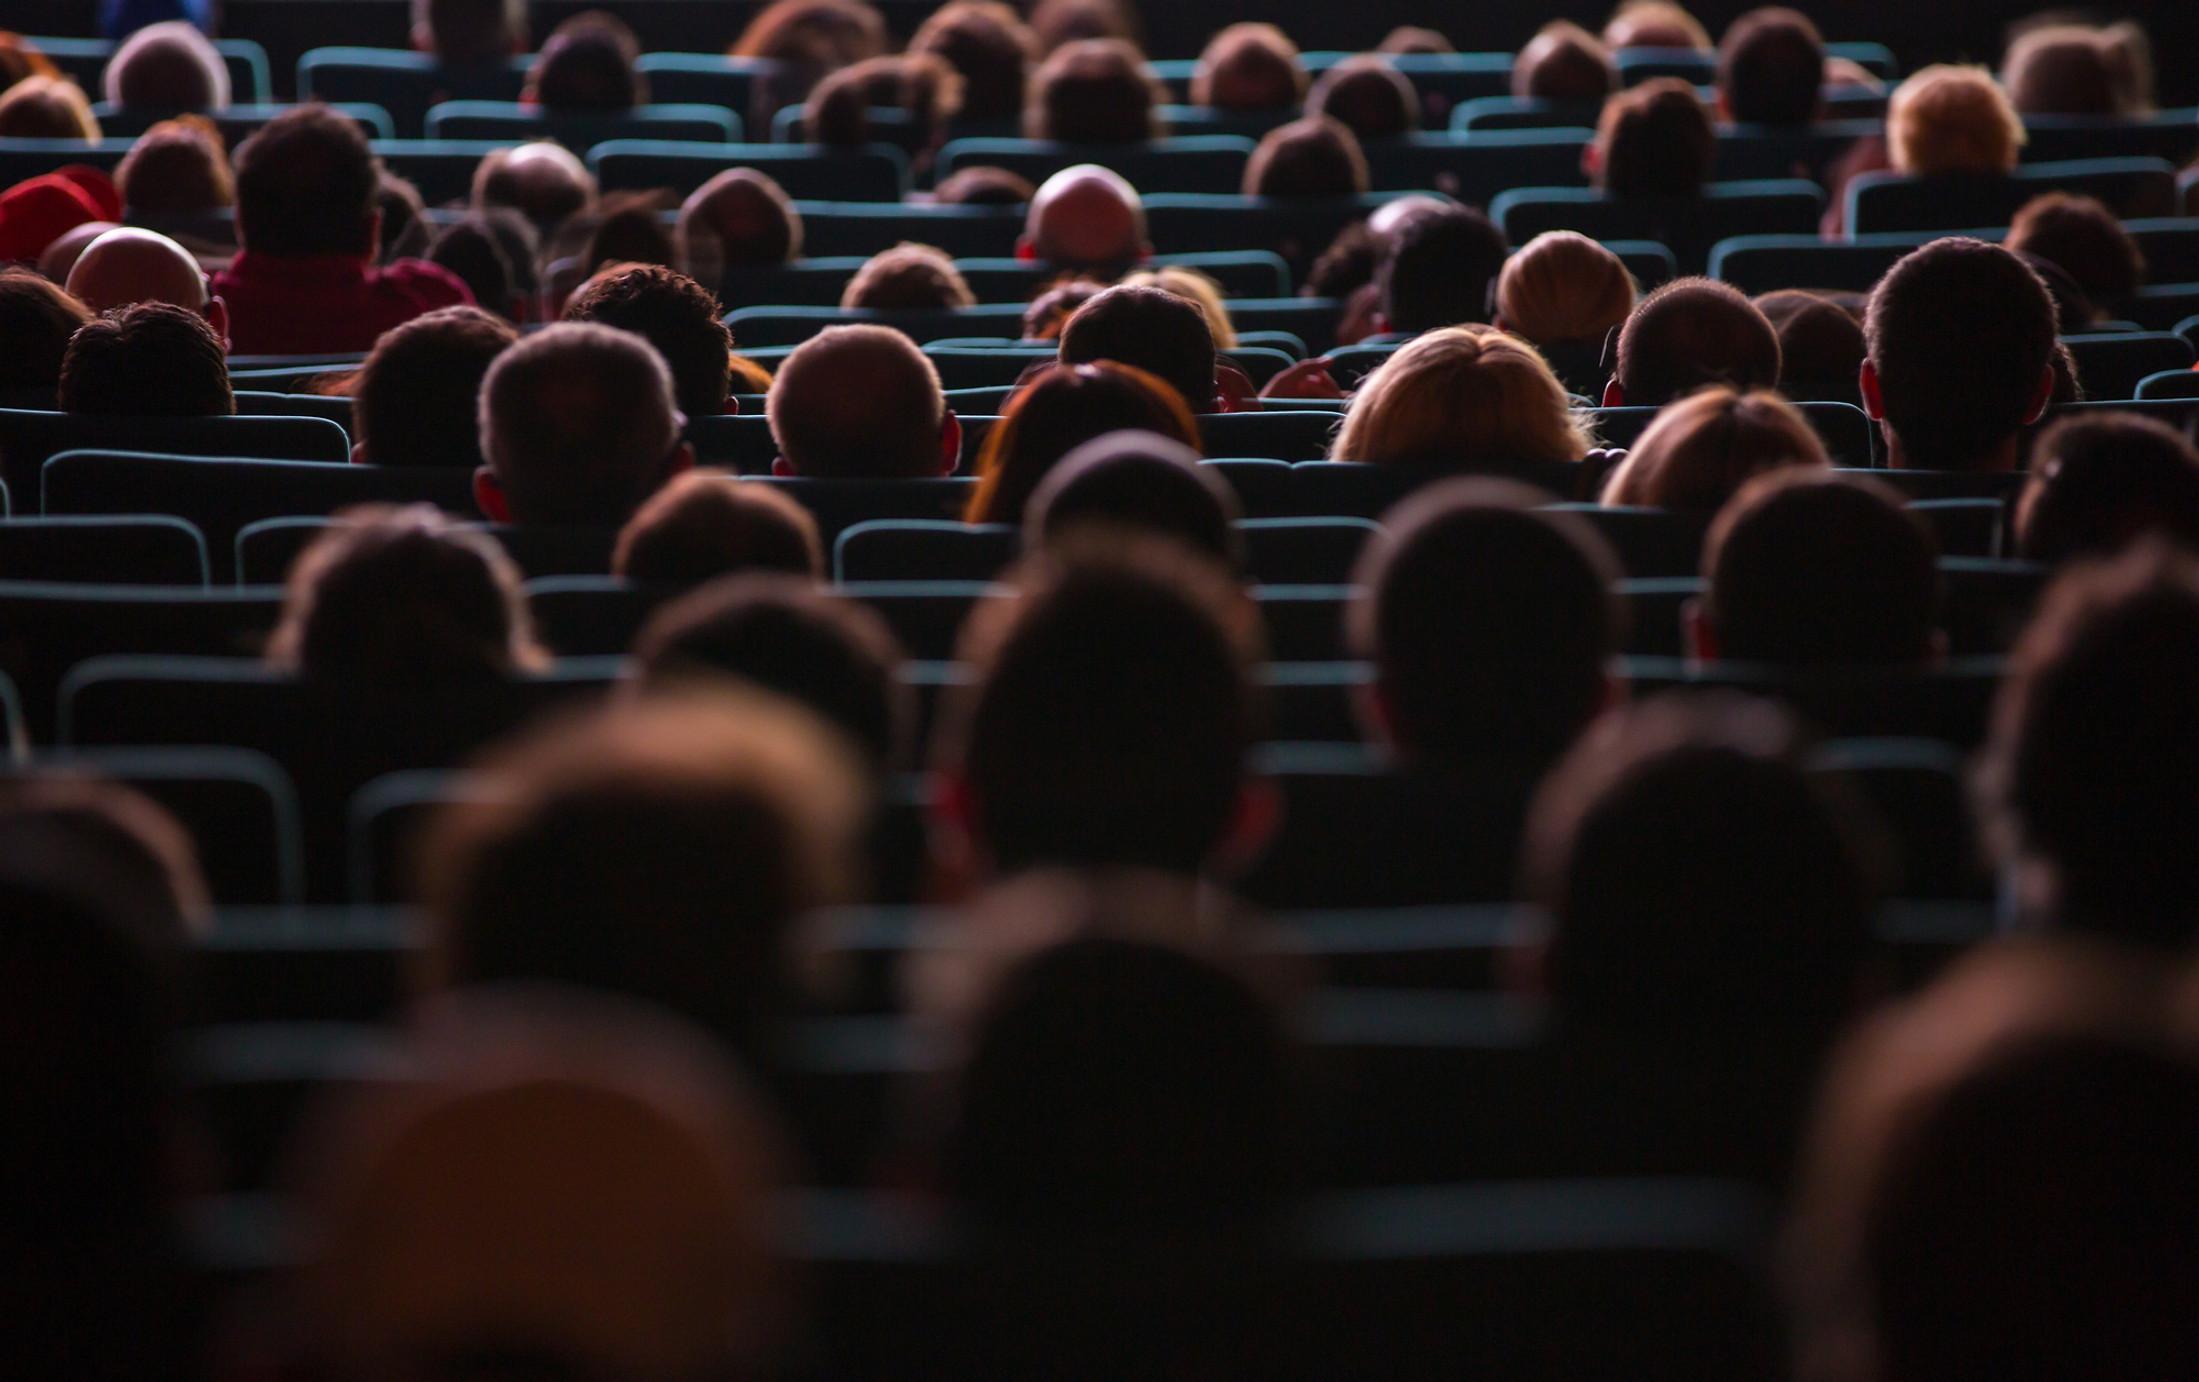 audience members